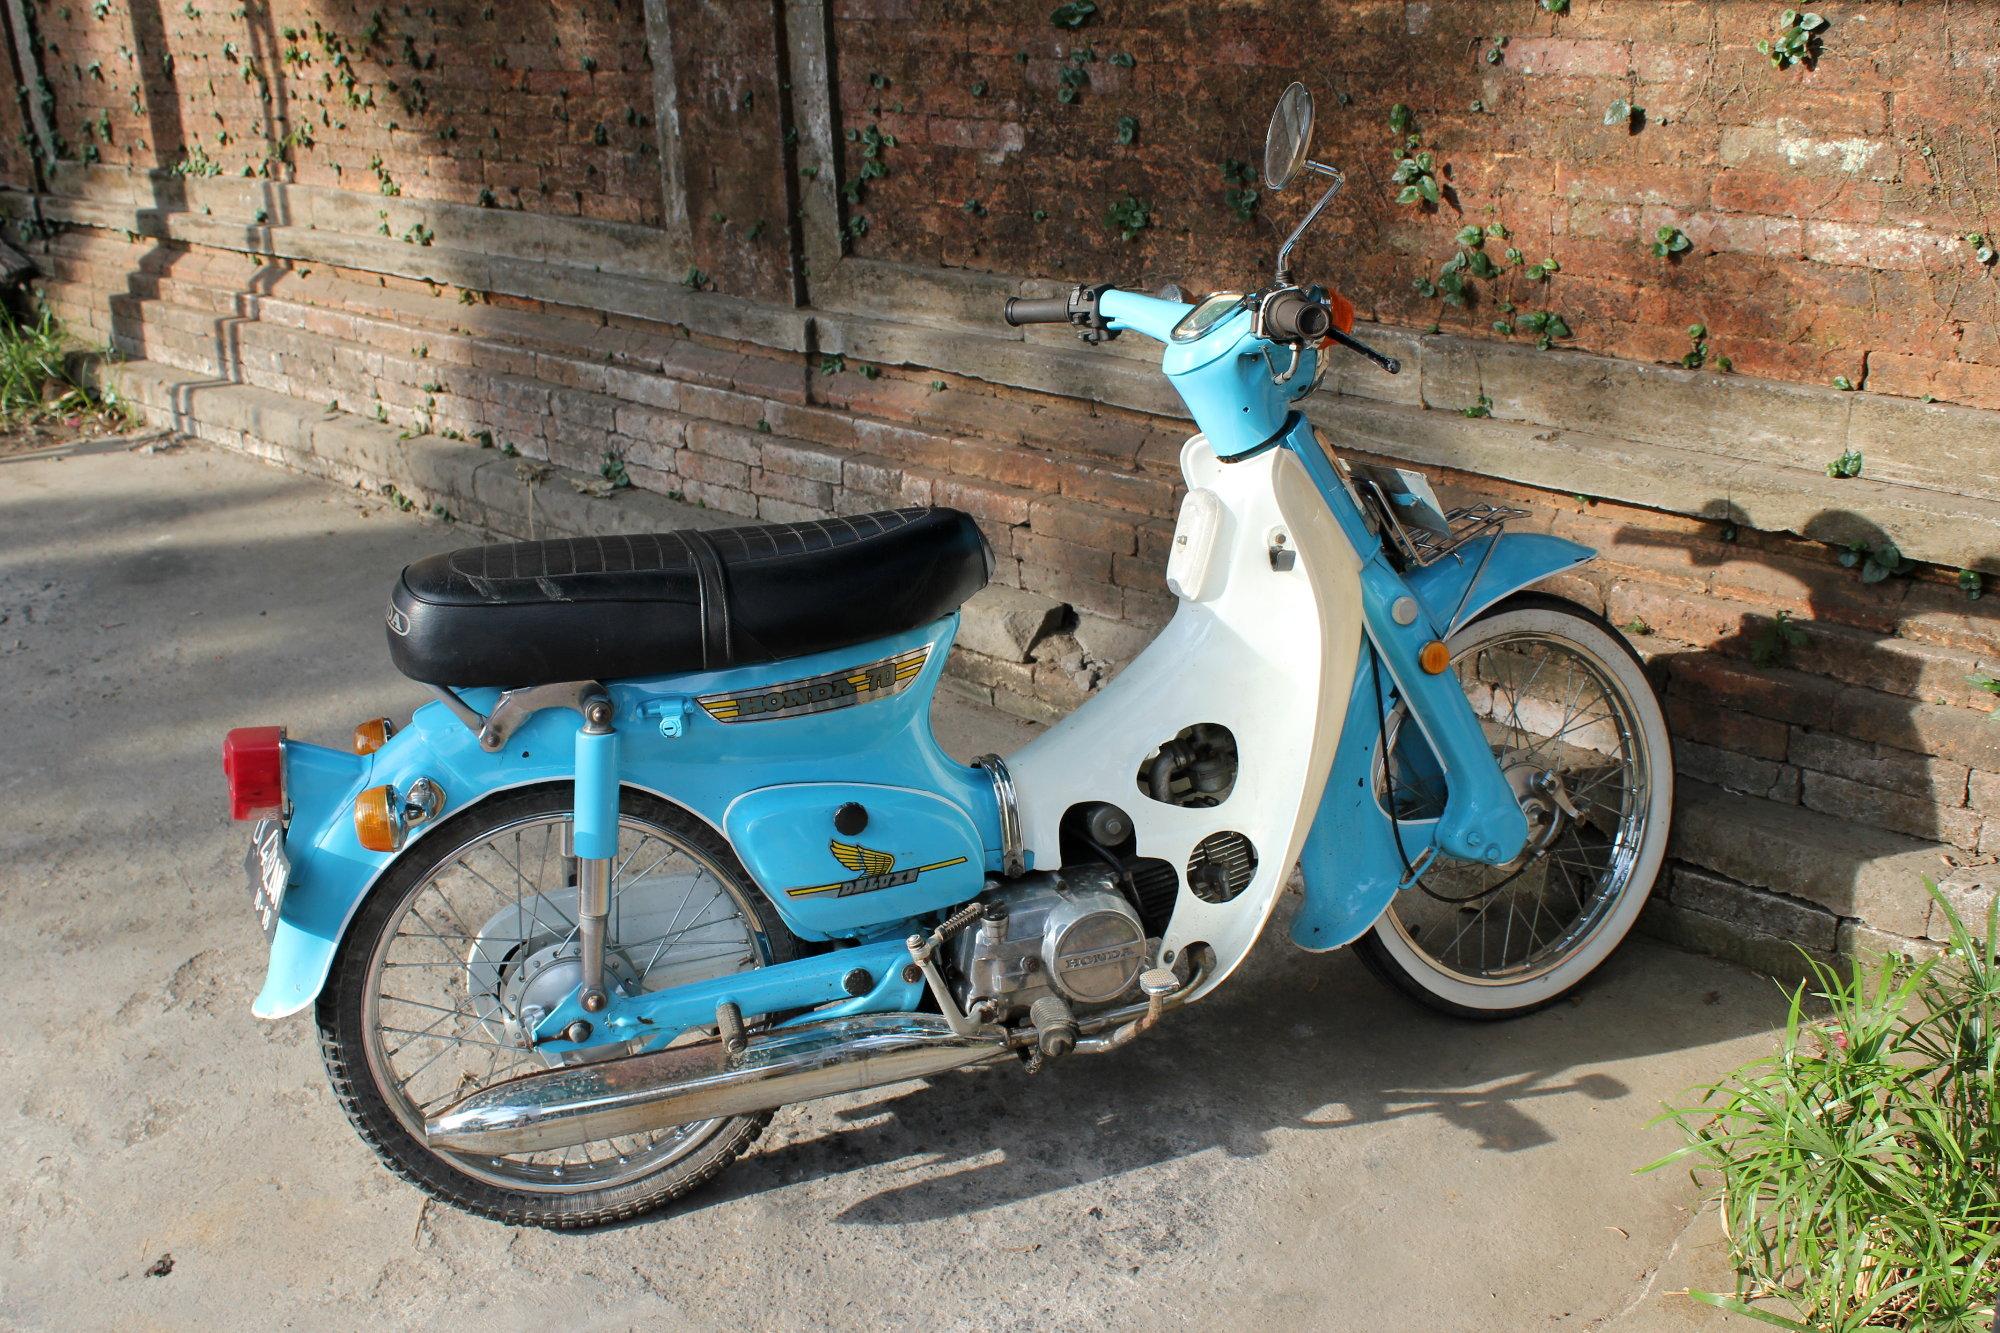 On trouve quelques anciennes entretenues avec soin à Bali, comme ce Honda Super Cub